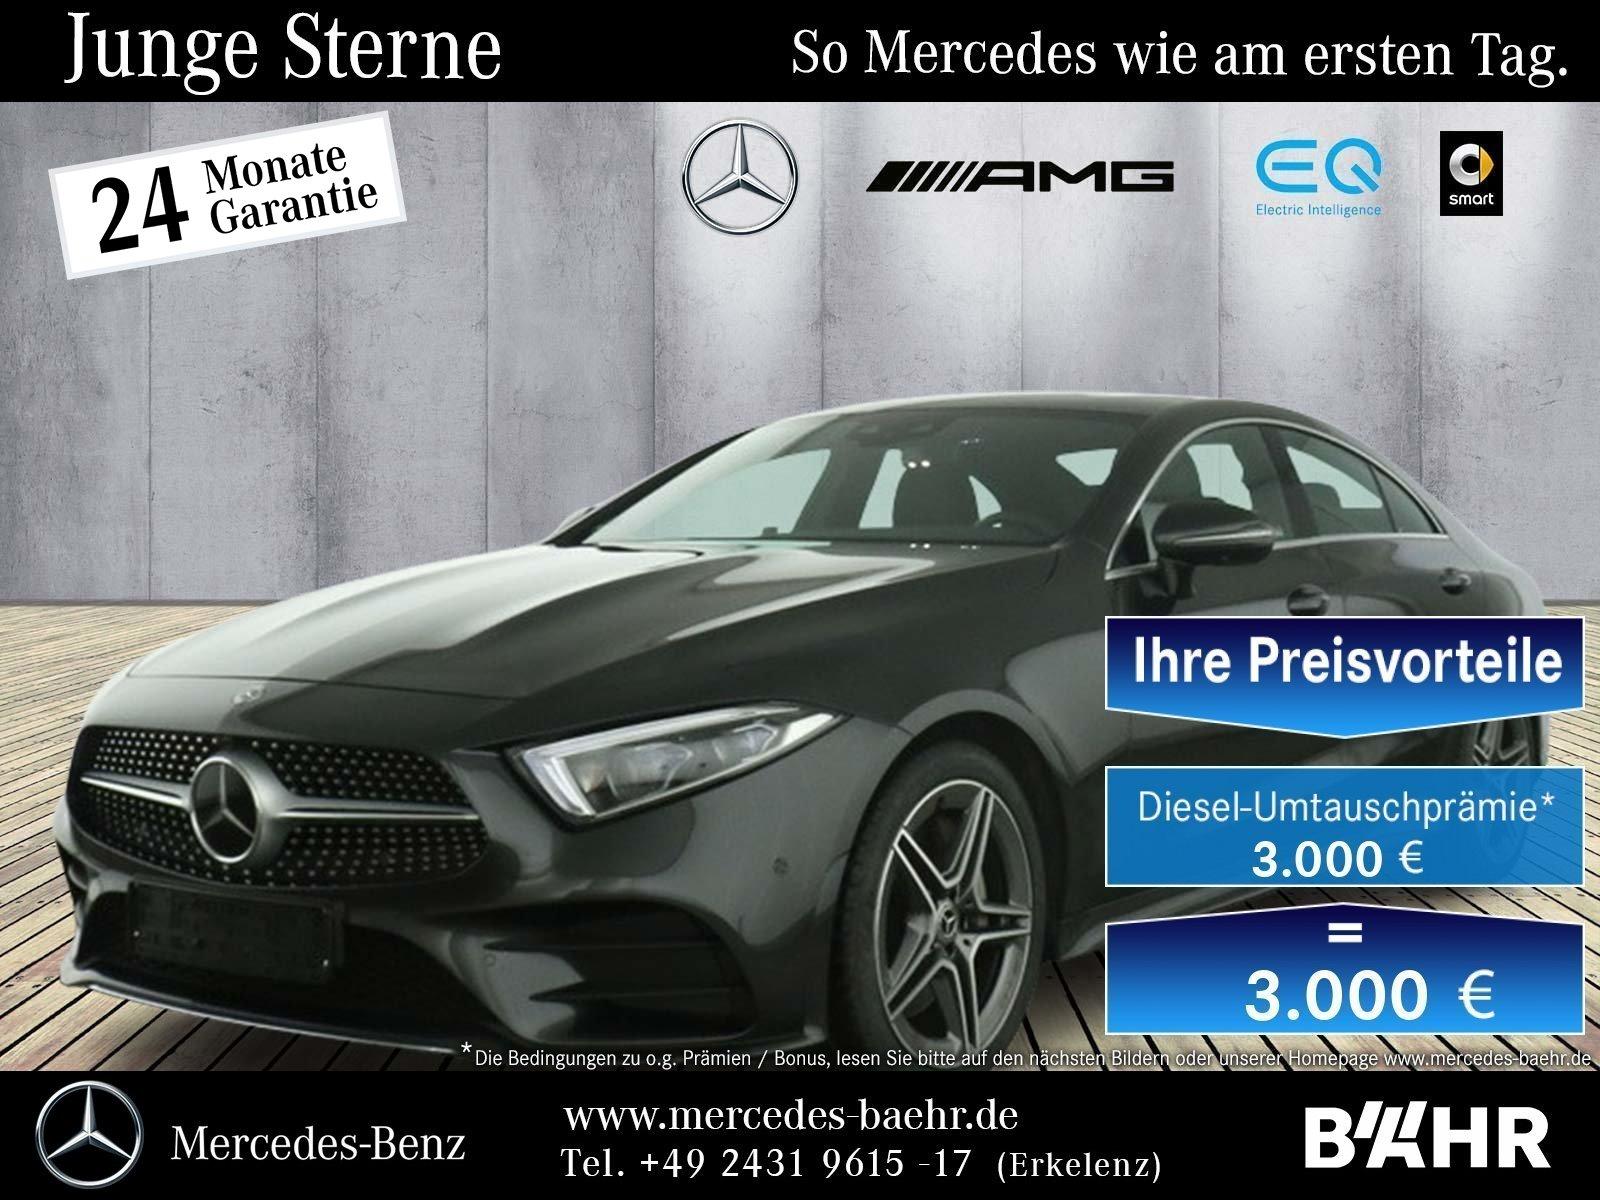 Mercedes-Benz CLS 400 d 4M AMG/Comand/Multibeam/Distronic/360°, Jahr 2020, Diesel